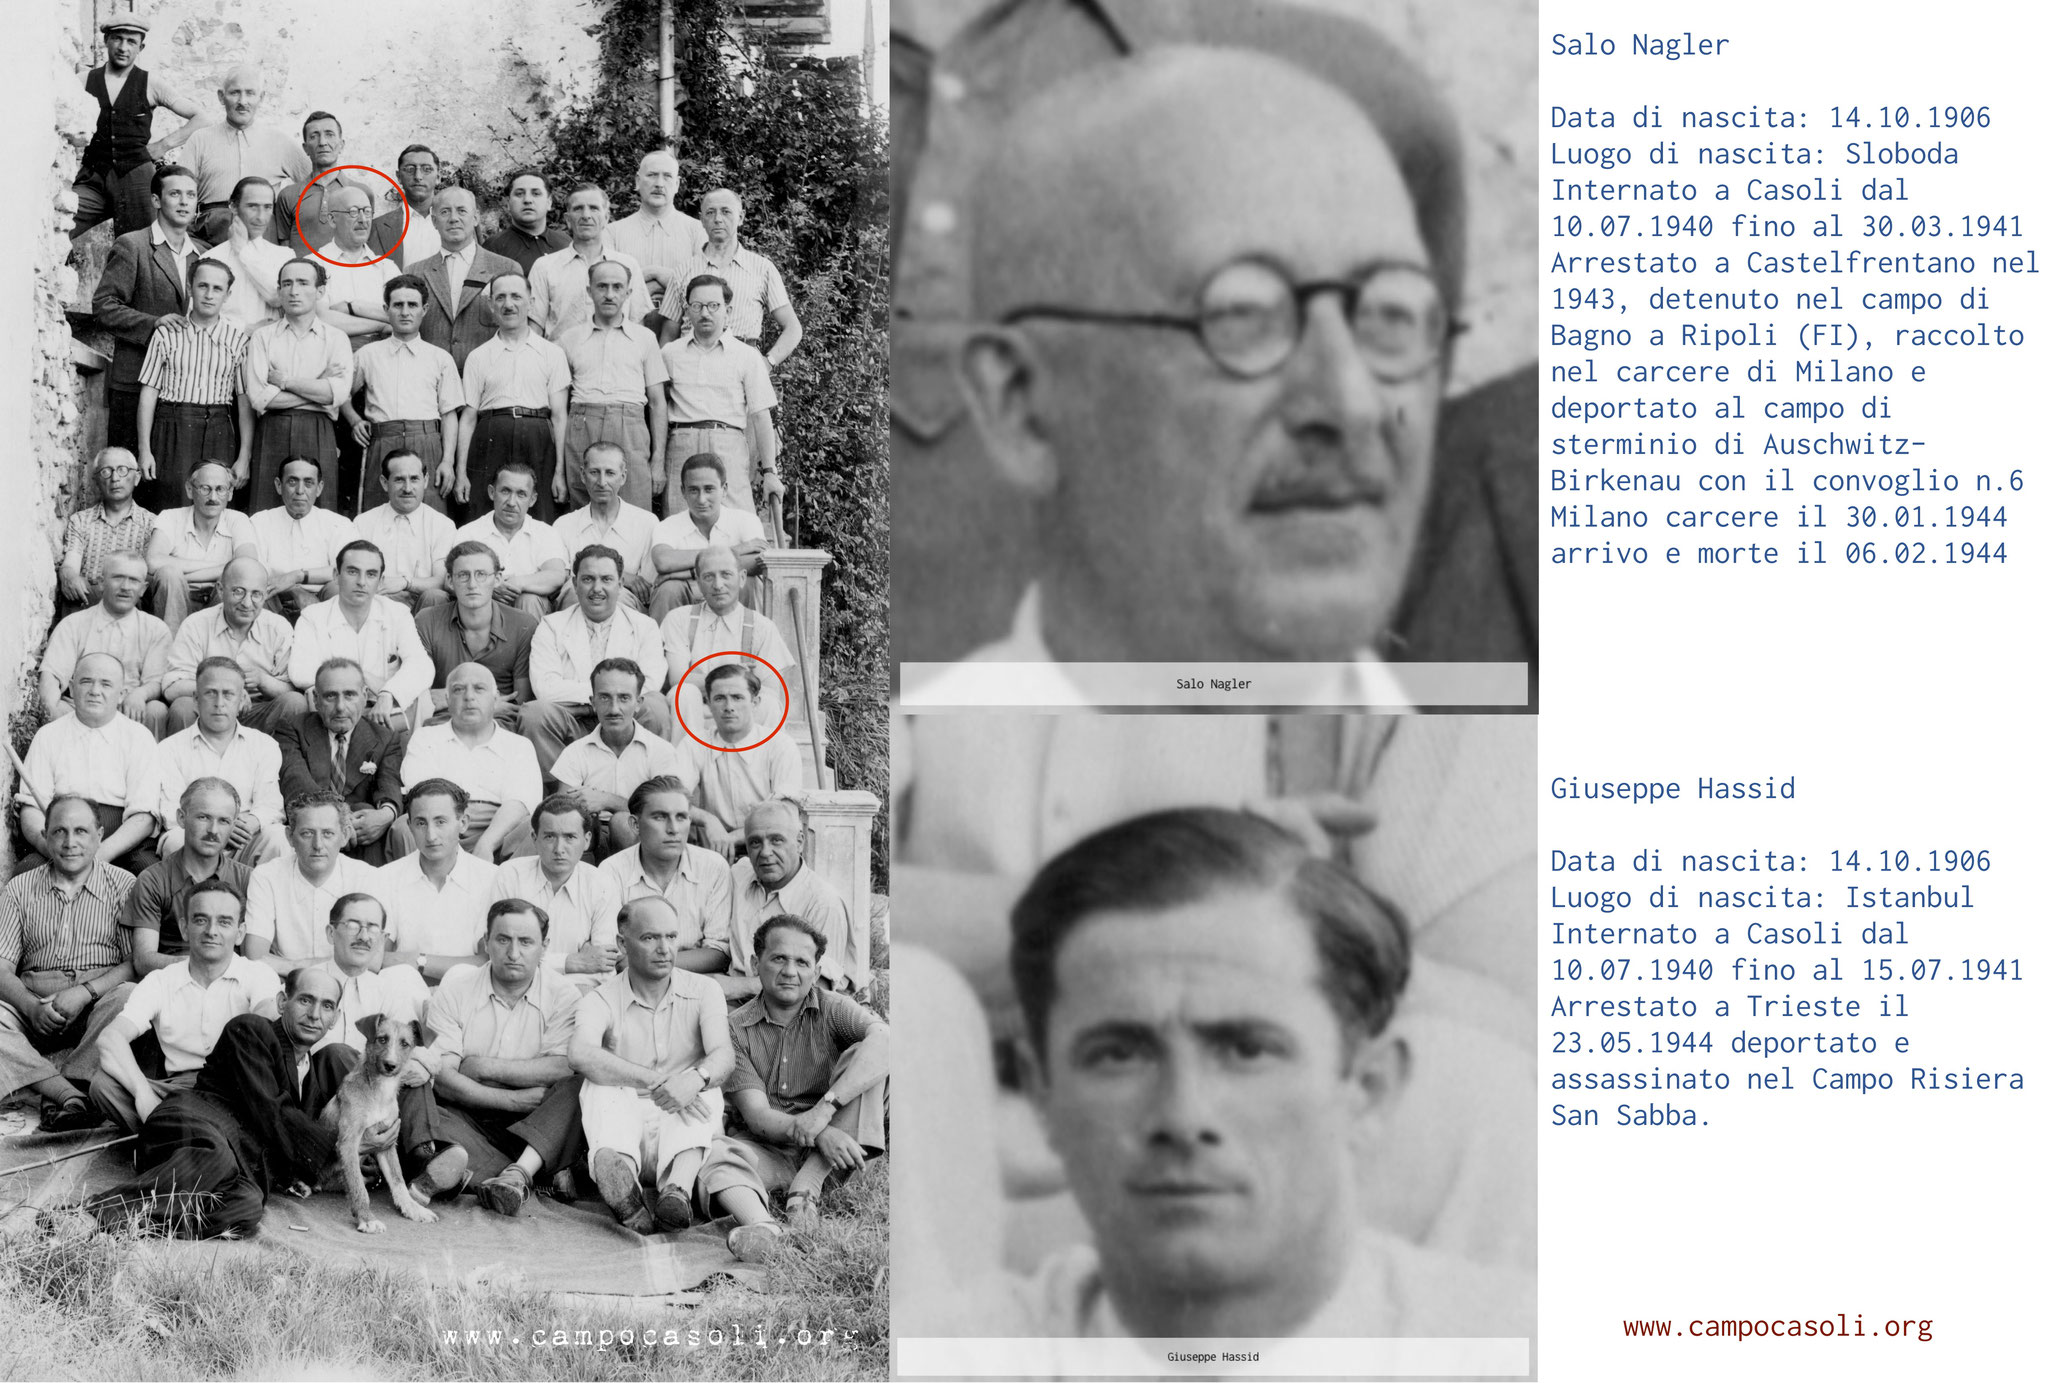 La ricerca di identificazione sulla foto è ancora in corso. Al momento possiamo riconoscere 2 persone.